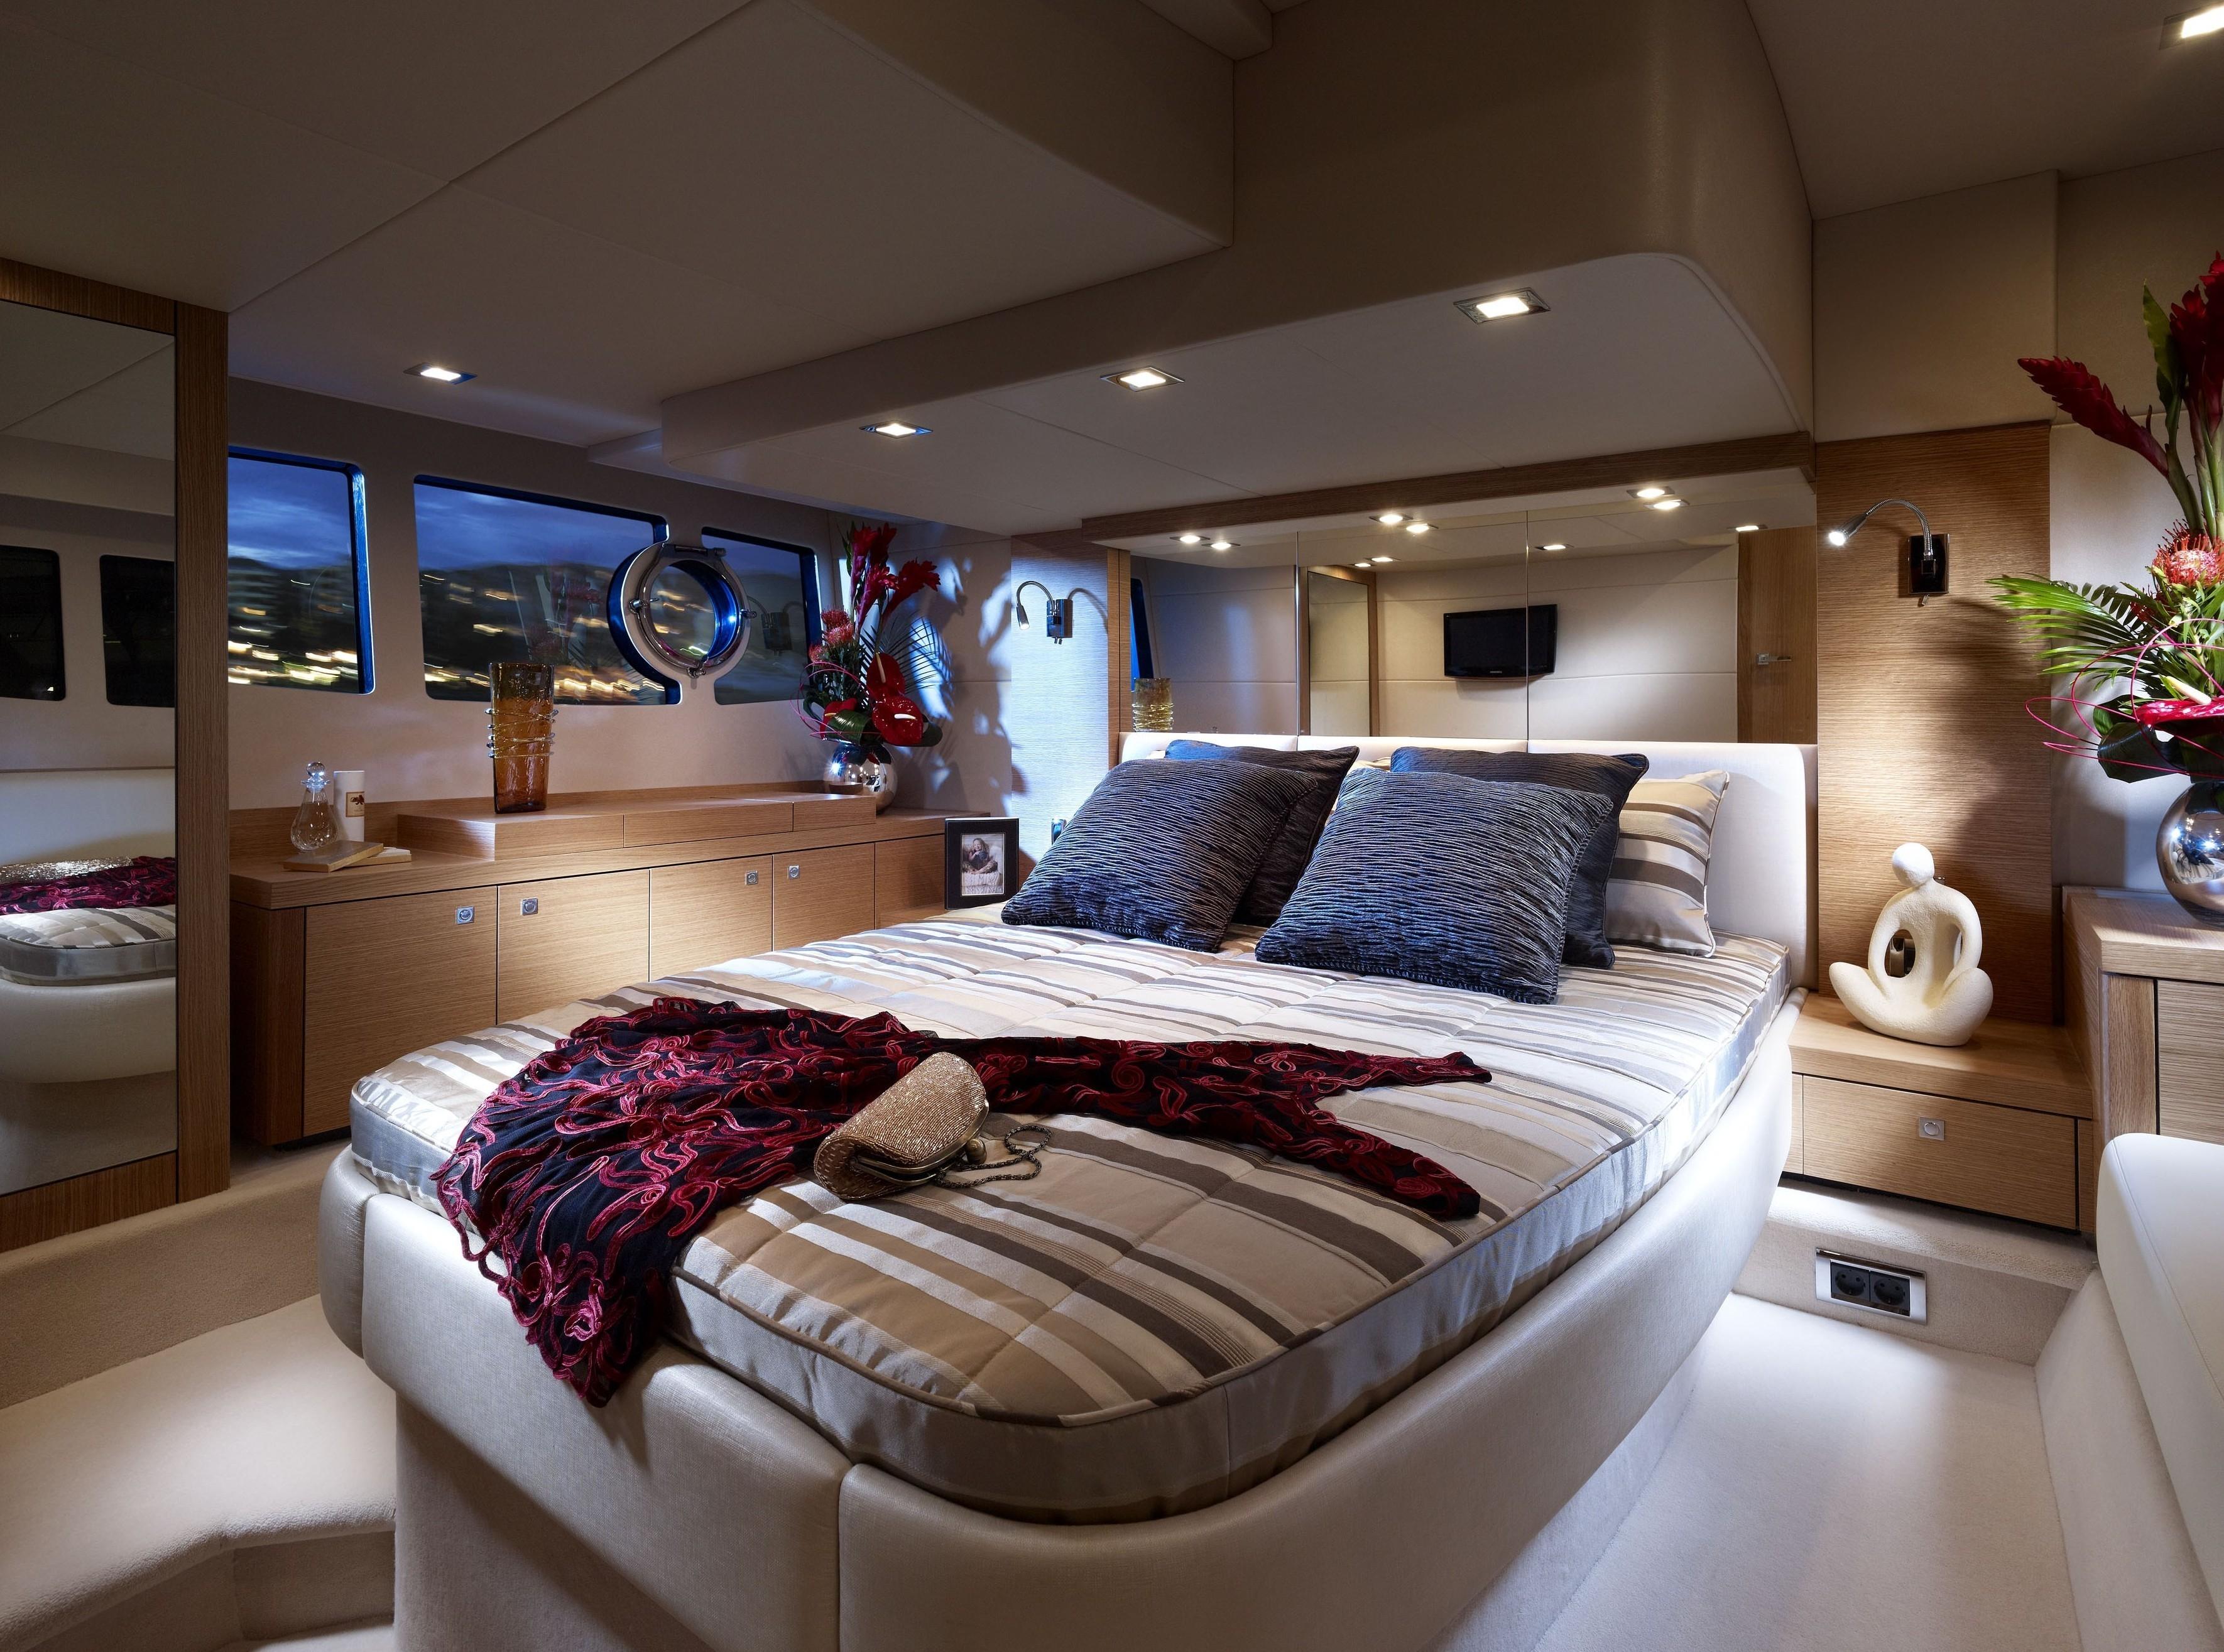 Innenarchitektur Yacht hintergrundbilder schiff boot zimmer innere bett fahrzeug